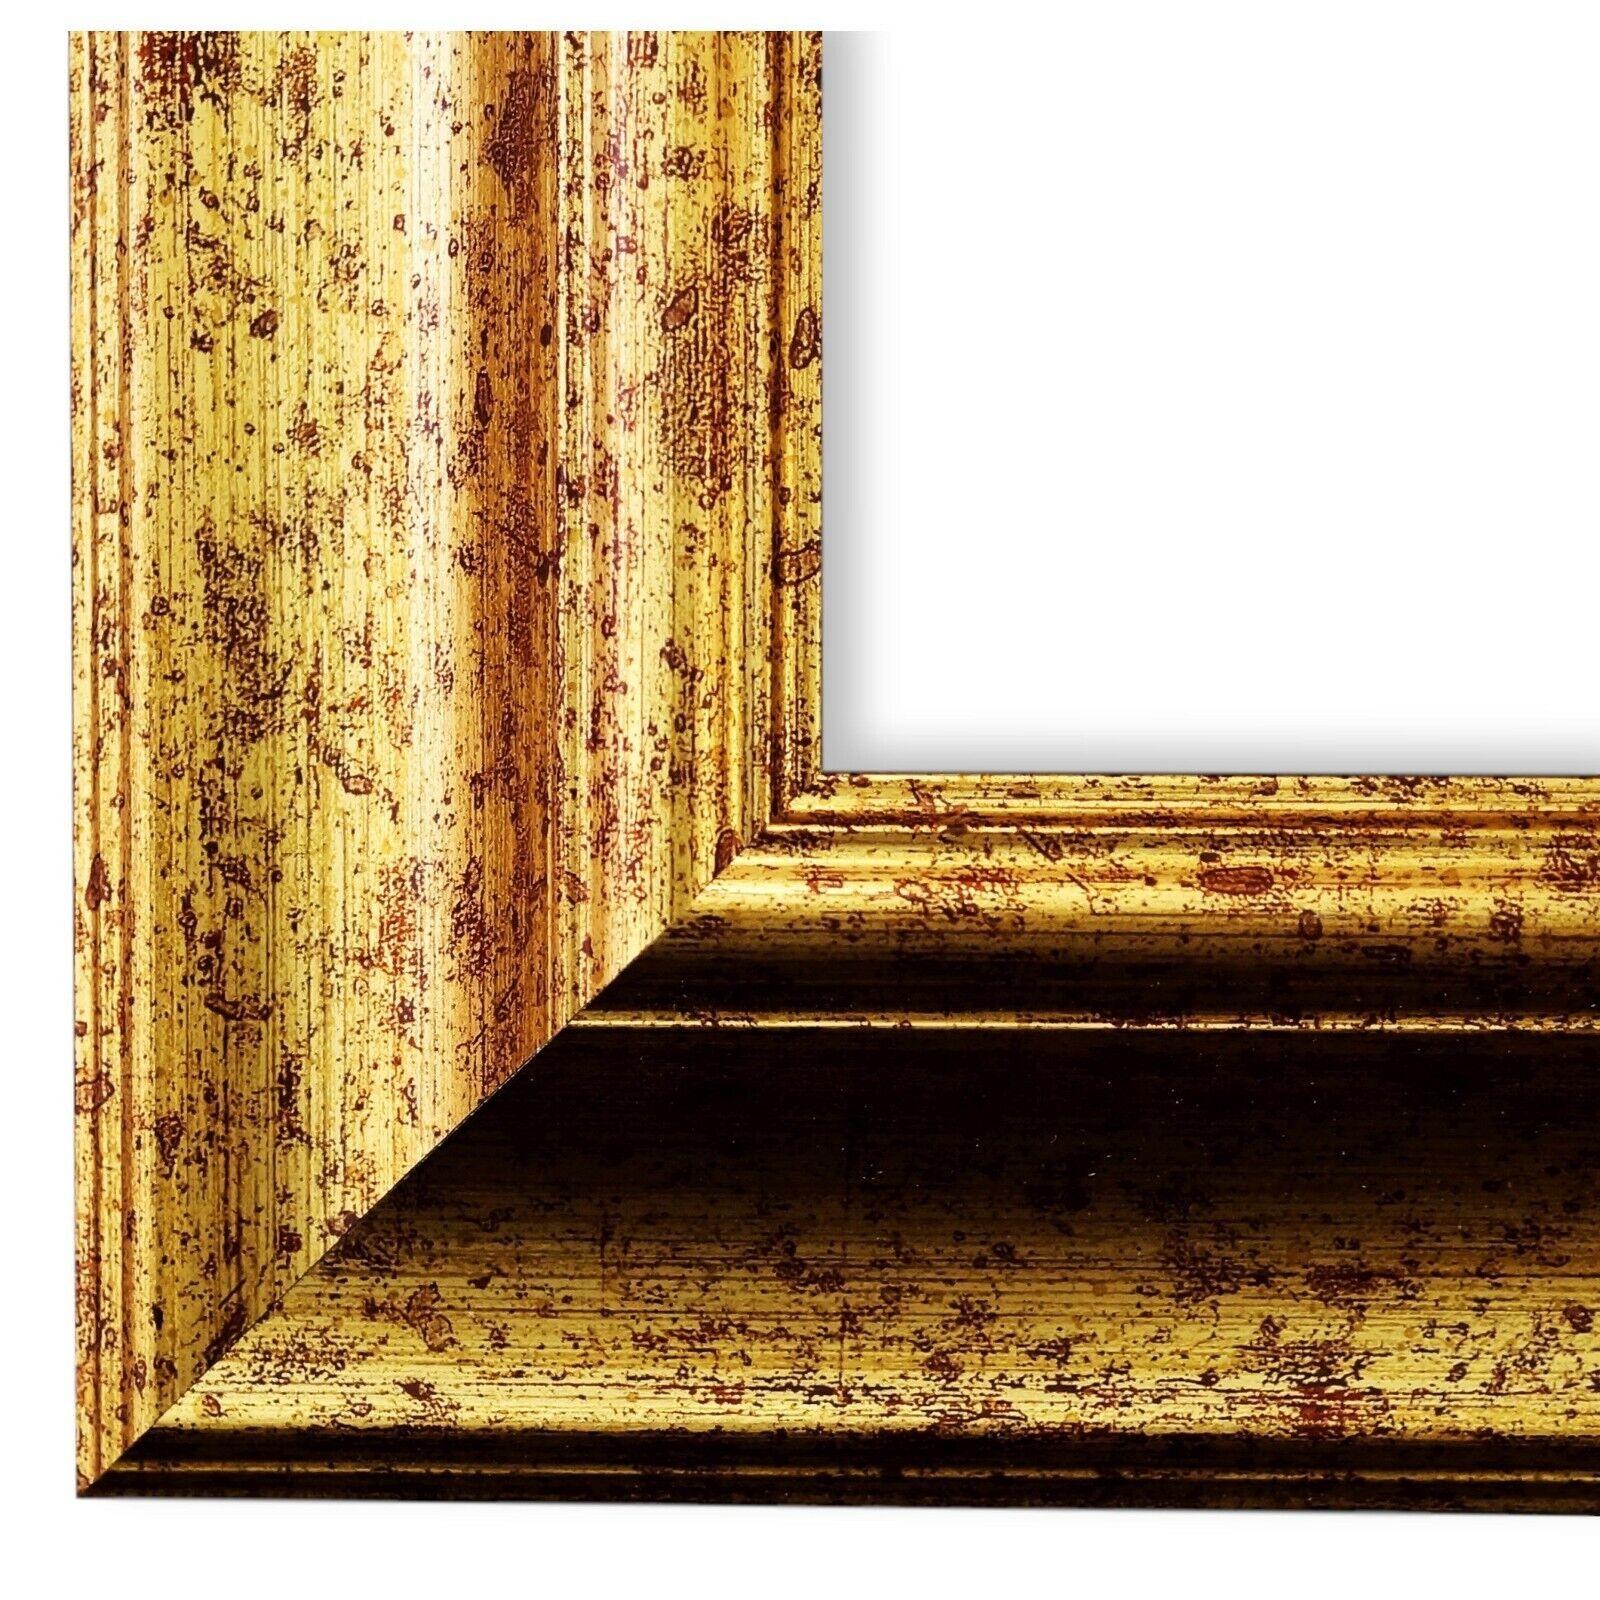 Bilderrahmen Acta Gold gemasert - DIN A0 DIN A1 DIN A2 DIN A3 DIN A4 DIN A5